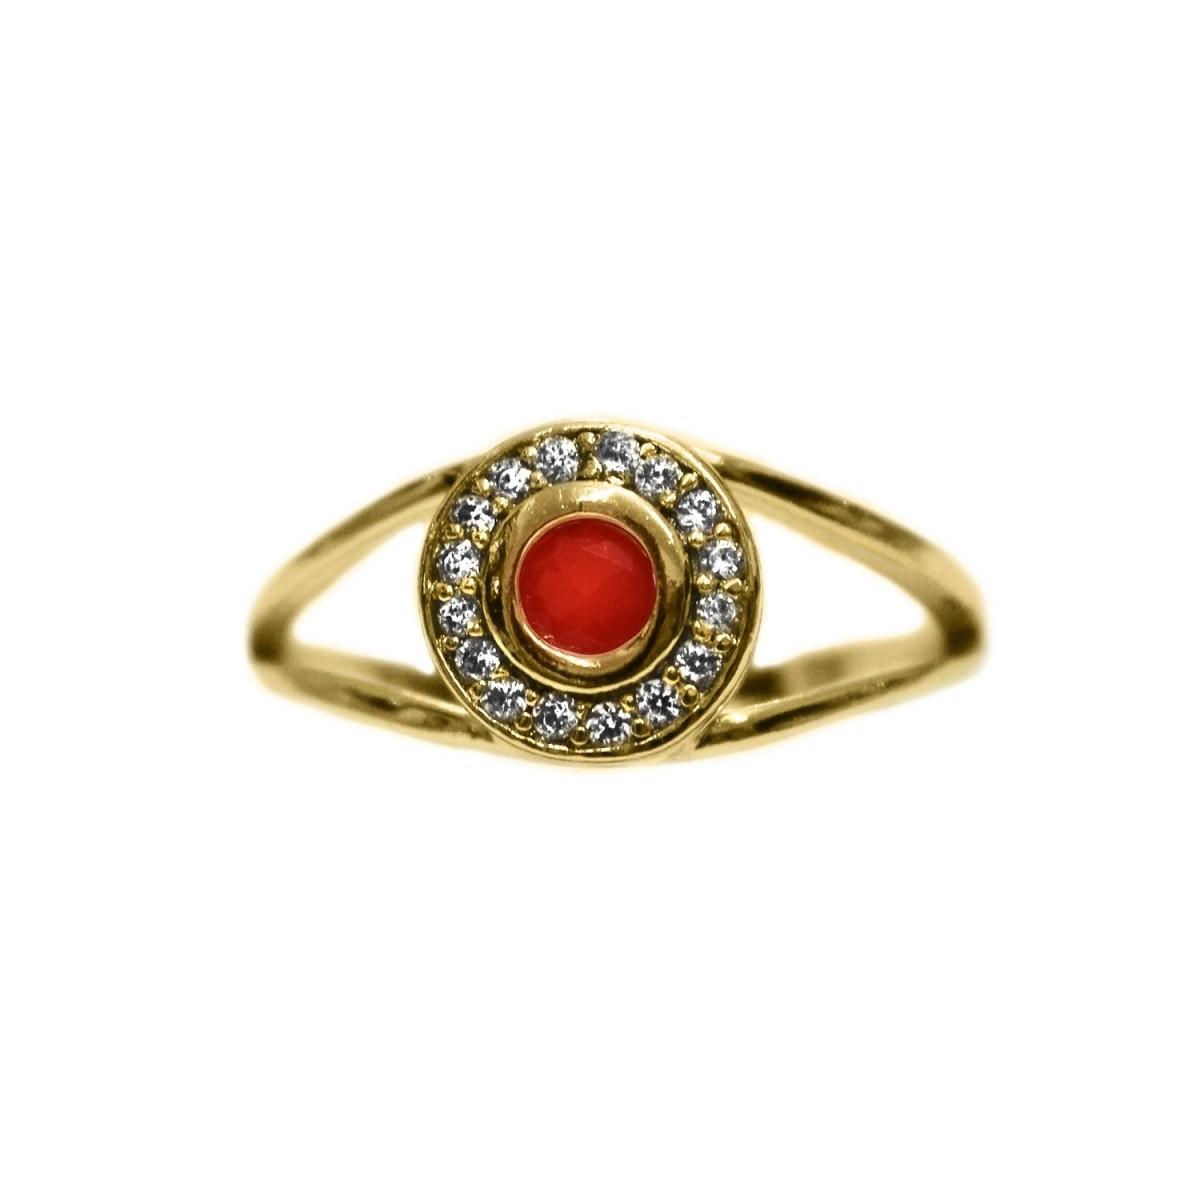 Anel Redondo Pequeno de Pedra Cravejado Com Micro Zircônia Folheado A Ouro 18K